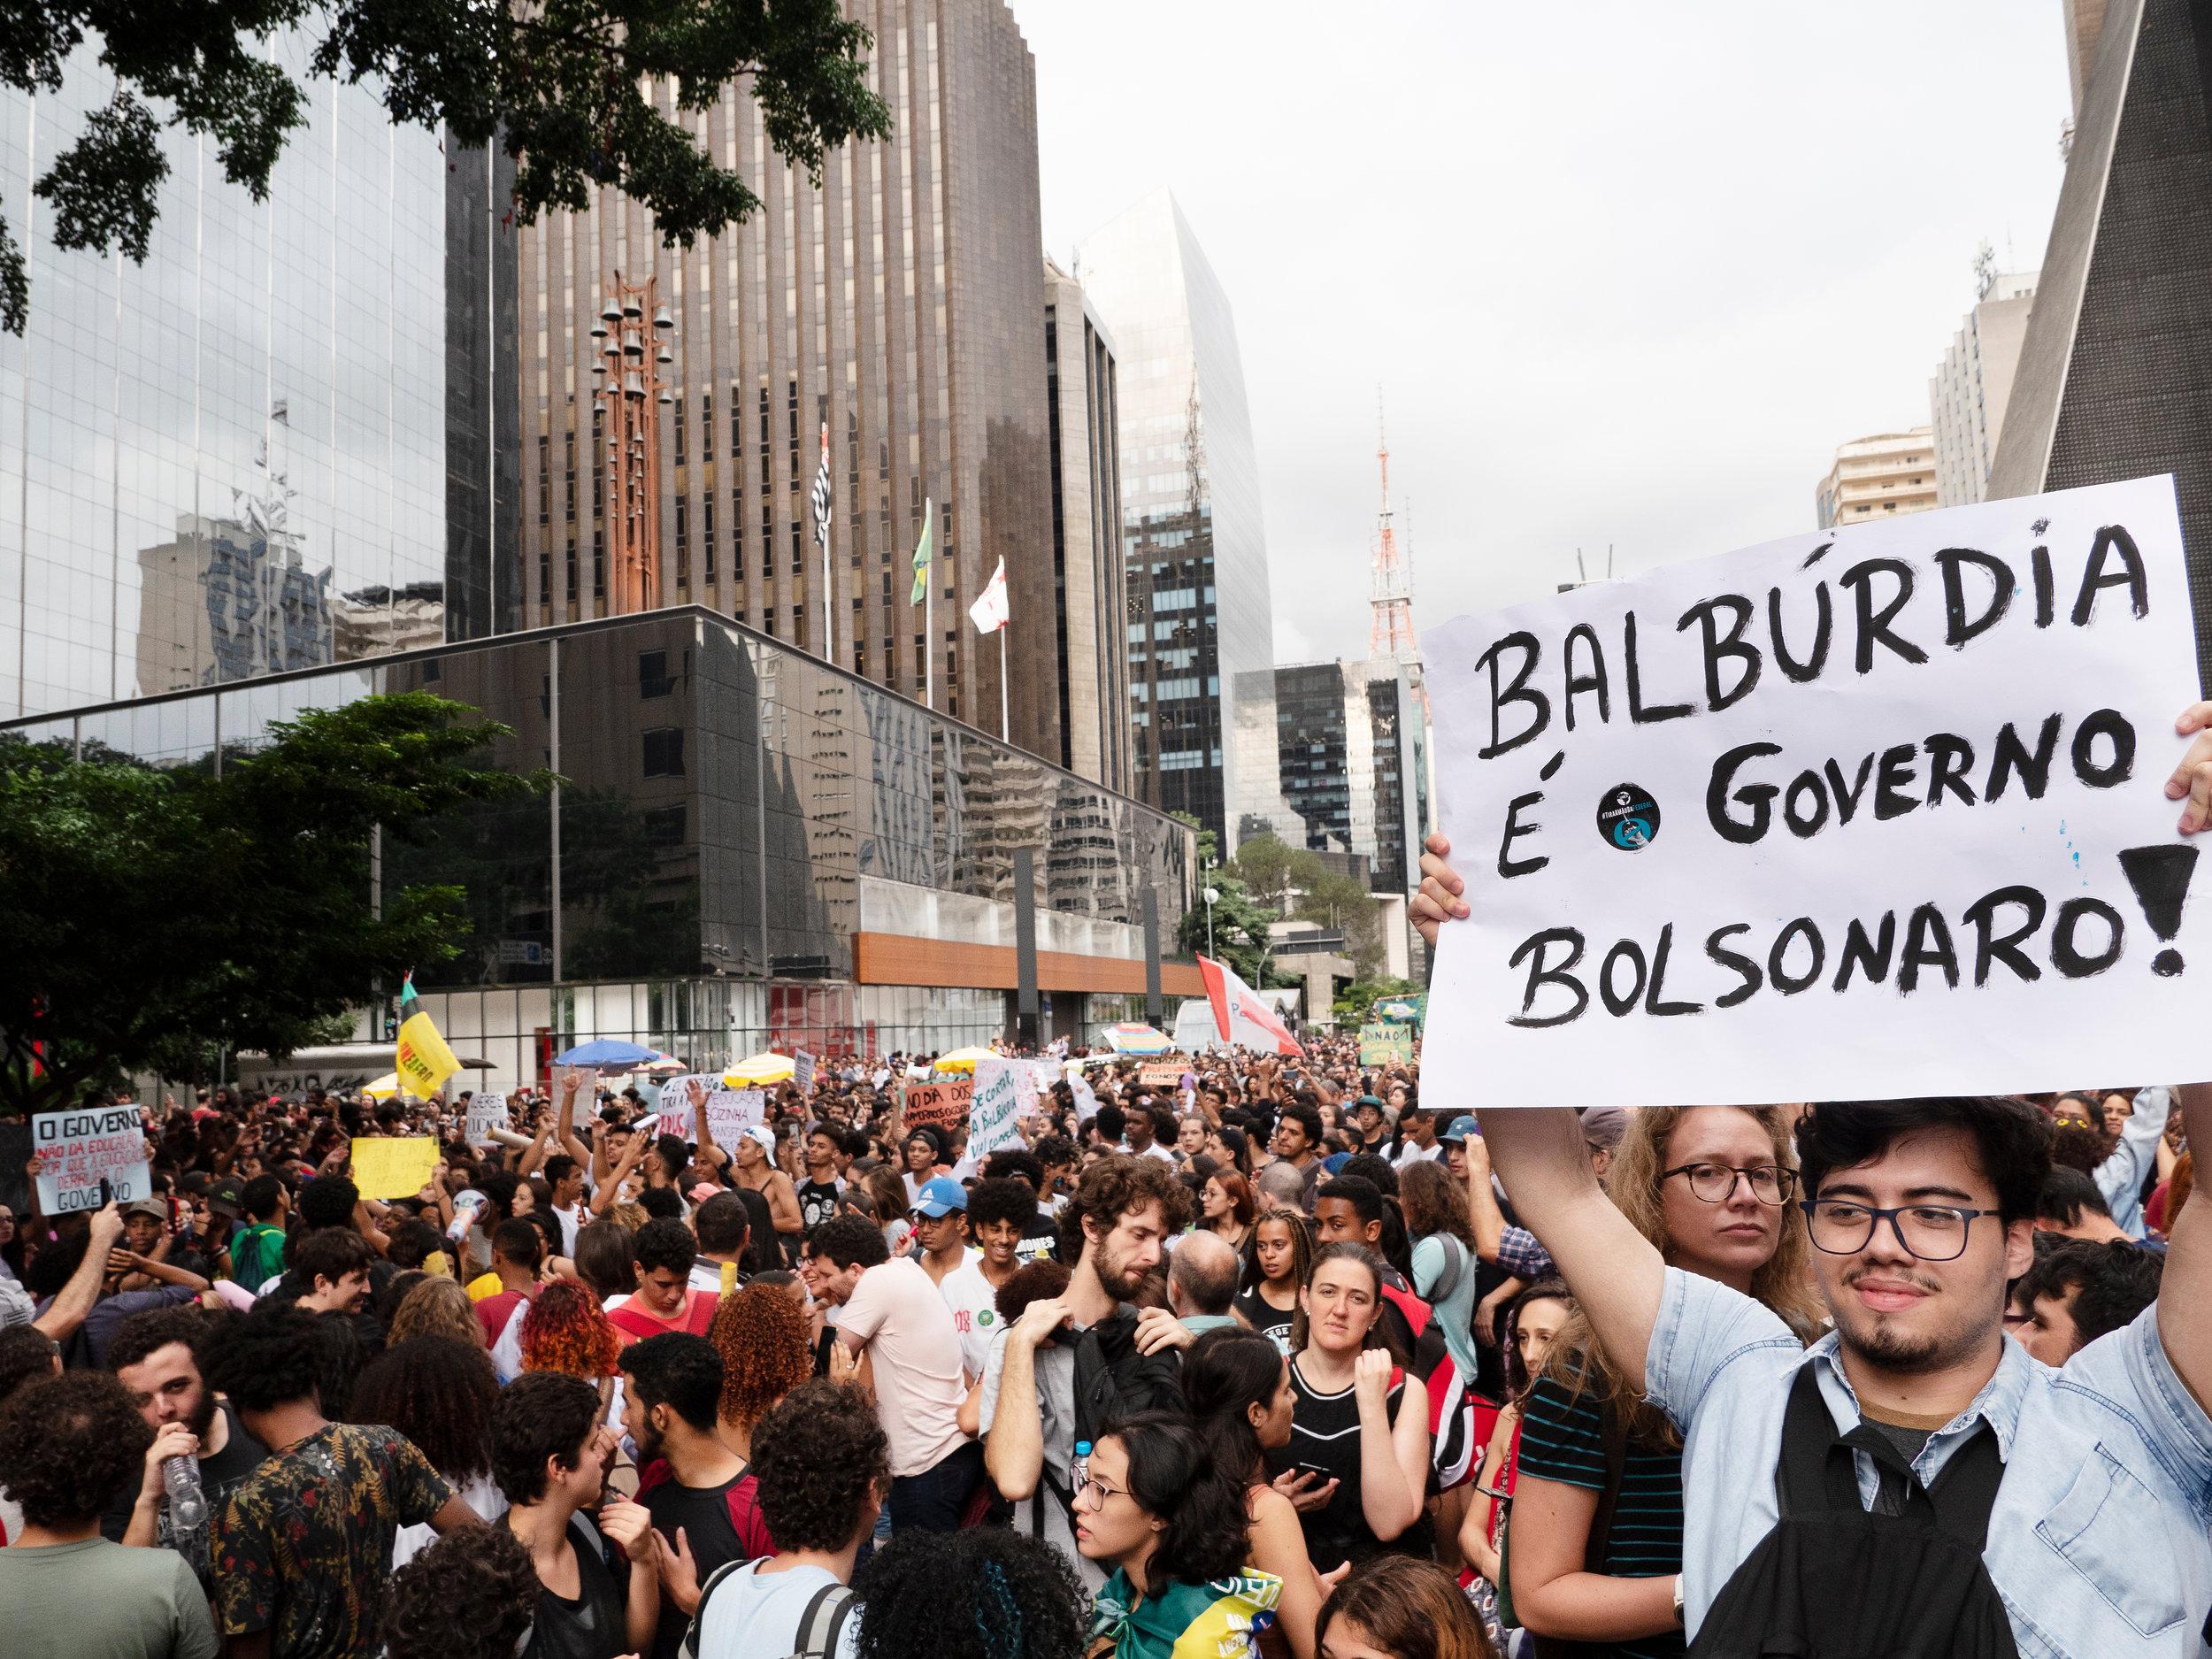 Manifestation contre les coupes budgétaires dans l'éducation décidées par Jair Bolsonaro, Sao Paulo, le 15 mai 2019. Crédit photo : Shutterstock